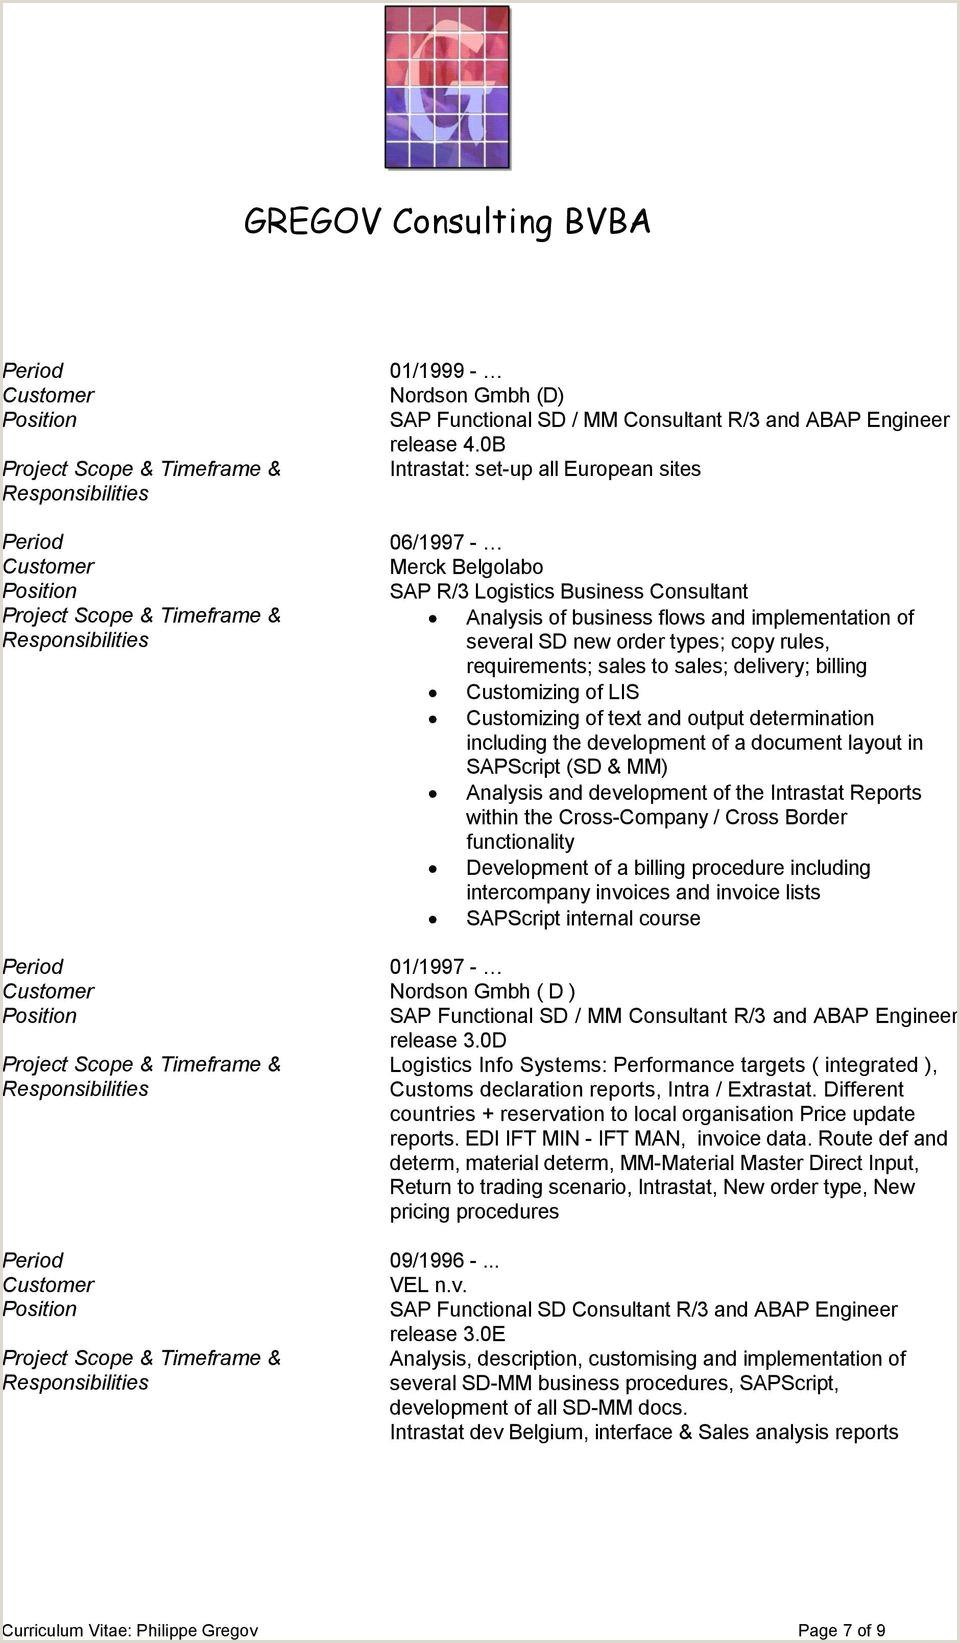 GREGOV Consulting BVBA Curriculum Vitae Philippe Gregov PDF